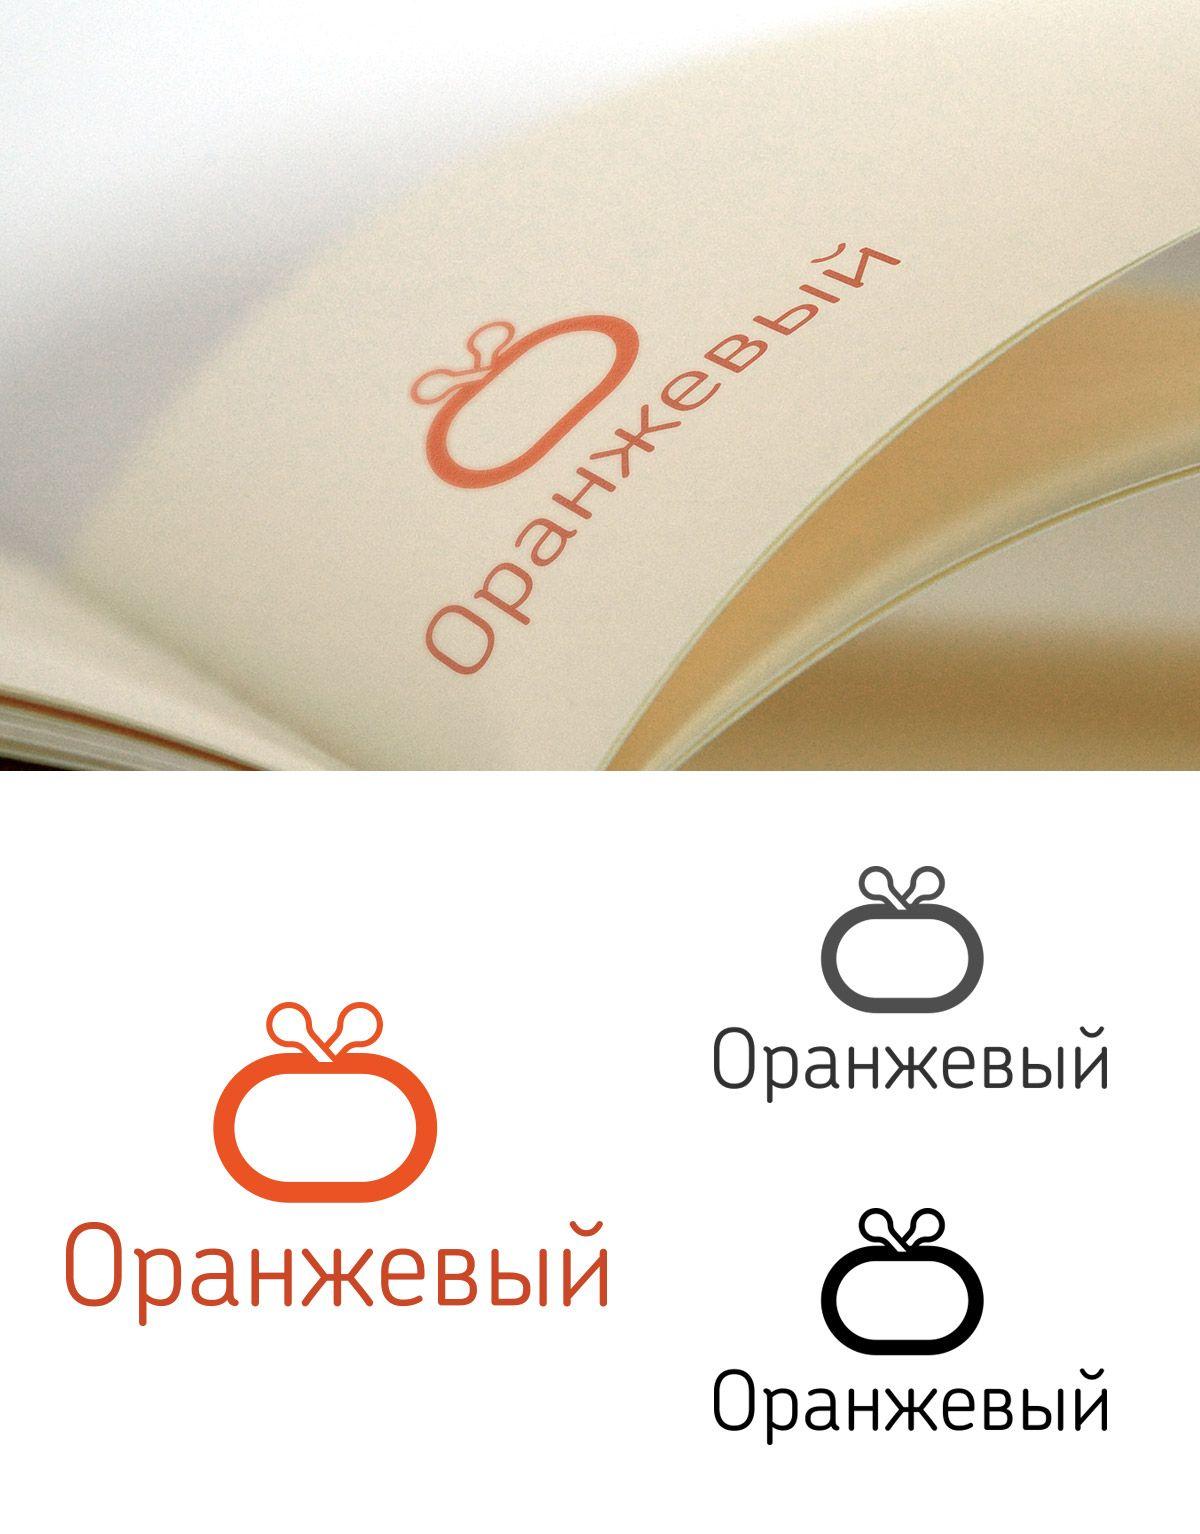 Логотип Финансовой Организации - дизайнер mikap